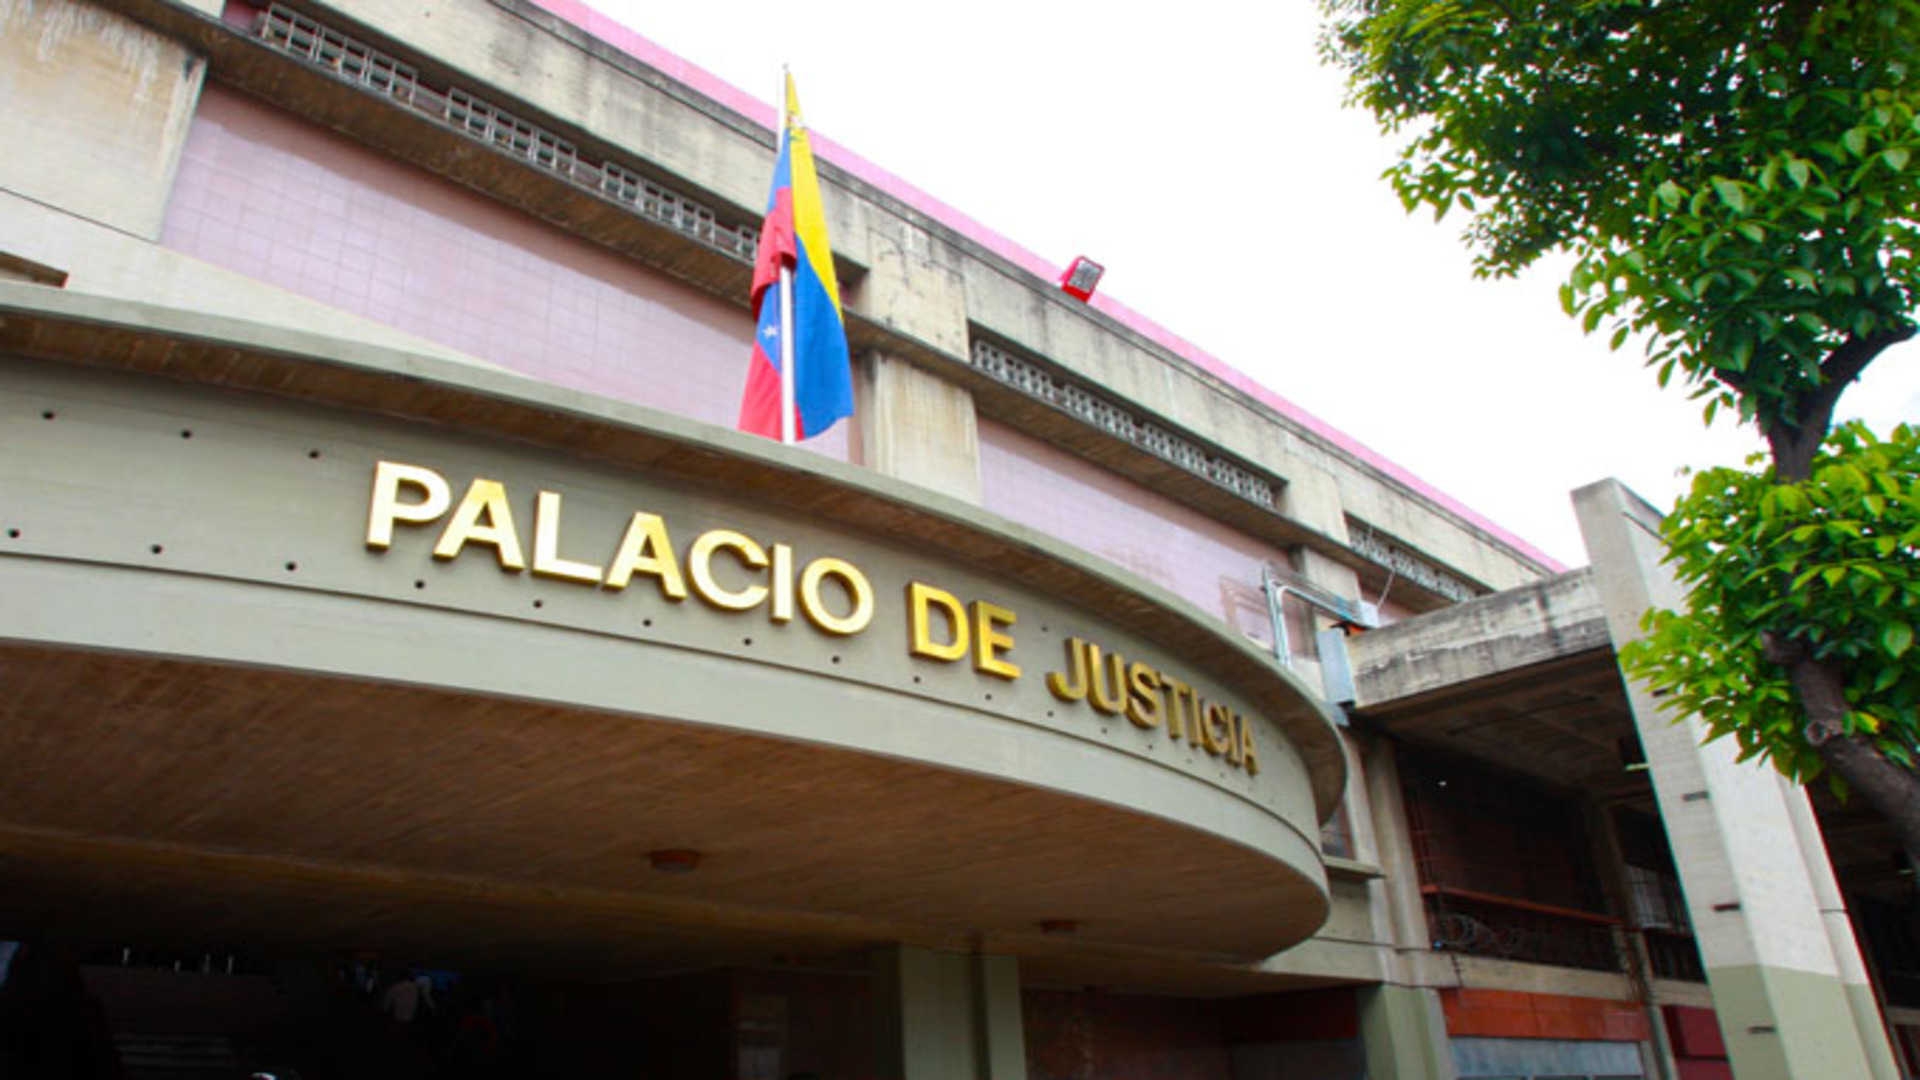 La reactivación de la justicia en Venezuela: mucho ruido y pocas nueces